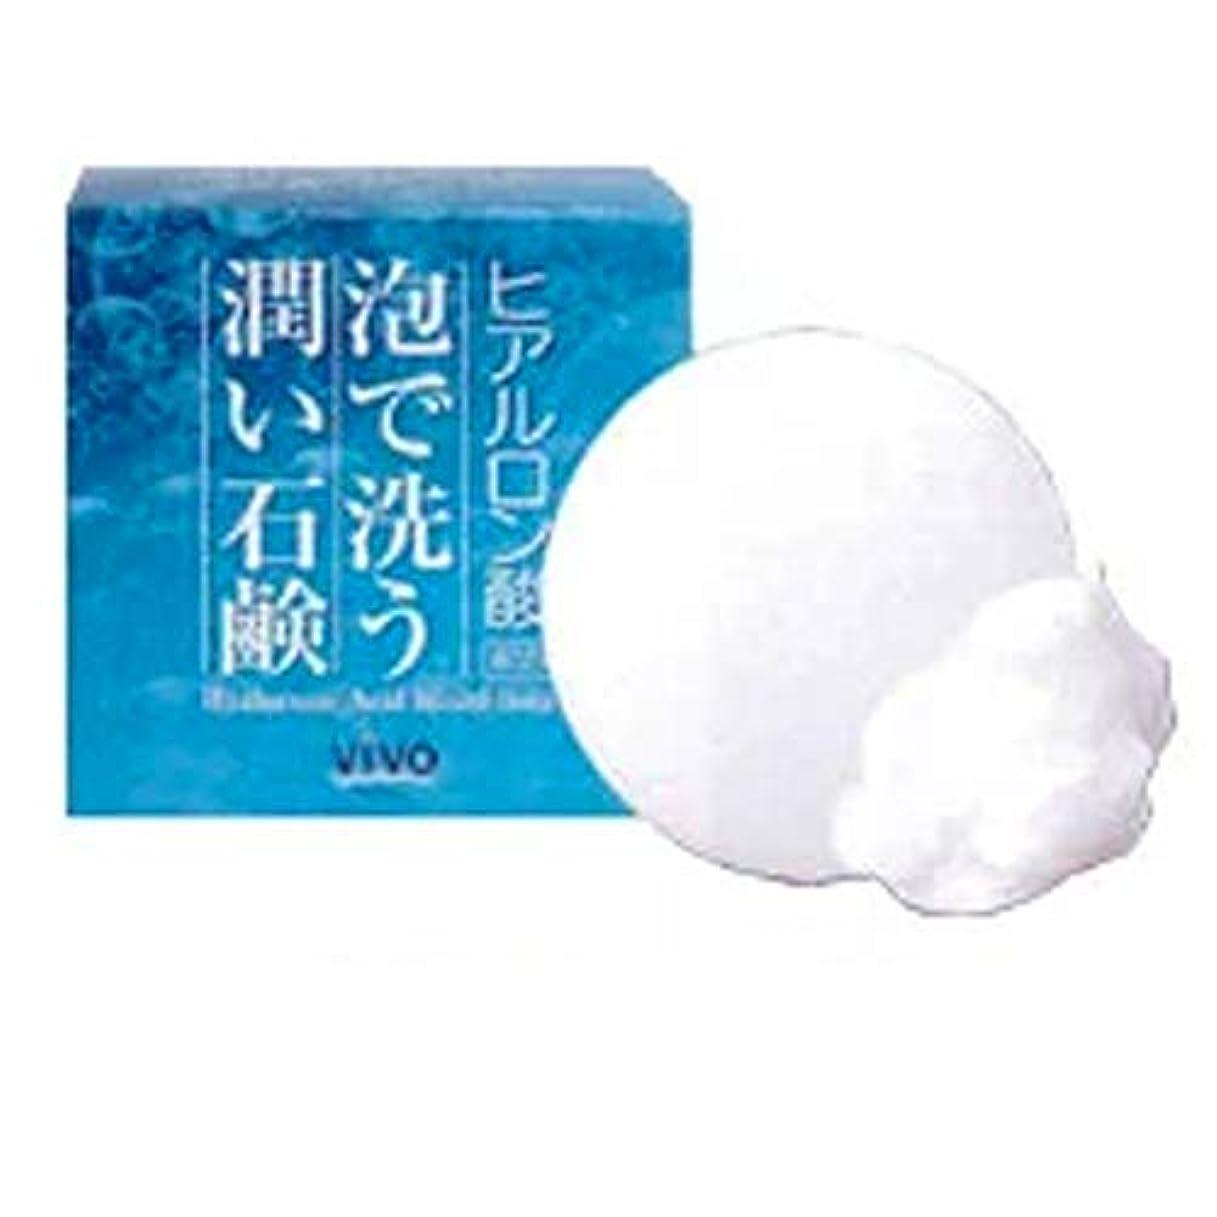 代替植木ペネロペBella Vivo ヒアルロン酸洗顔石鹸 3個セット